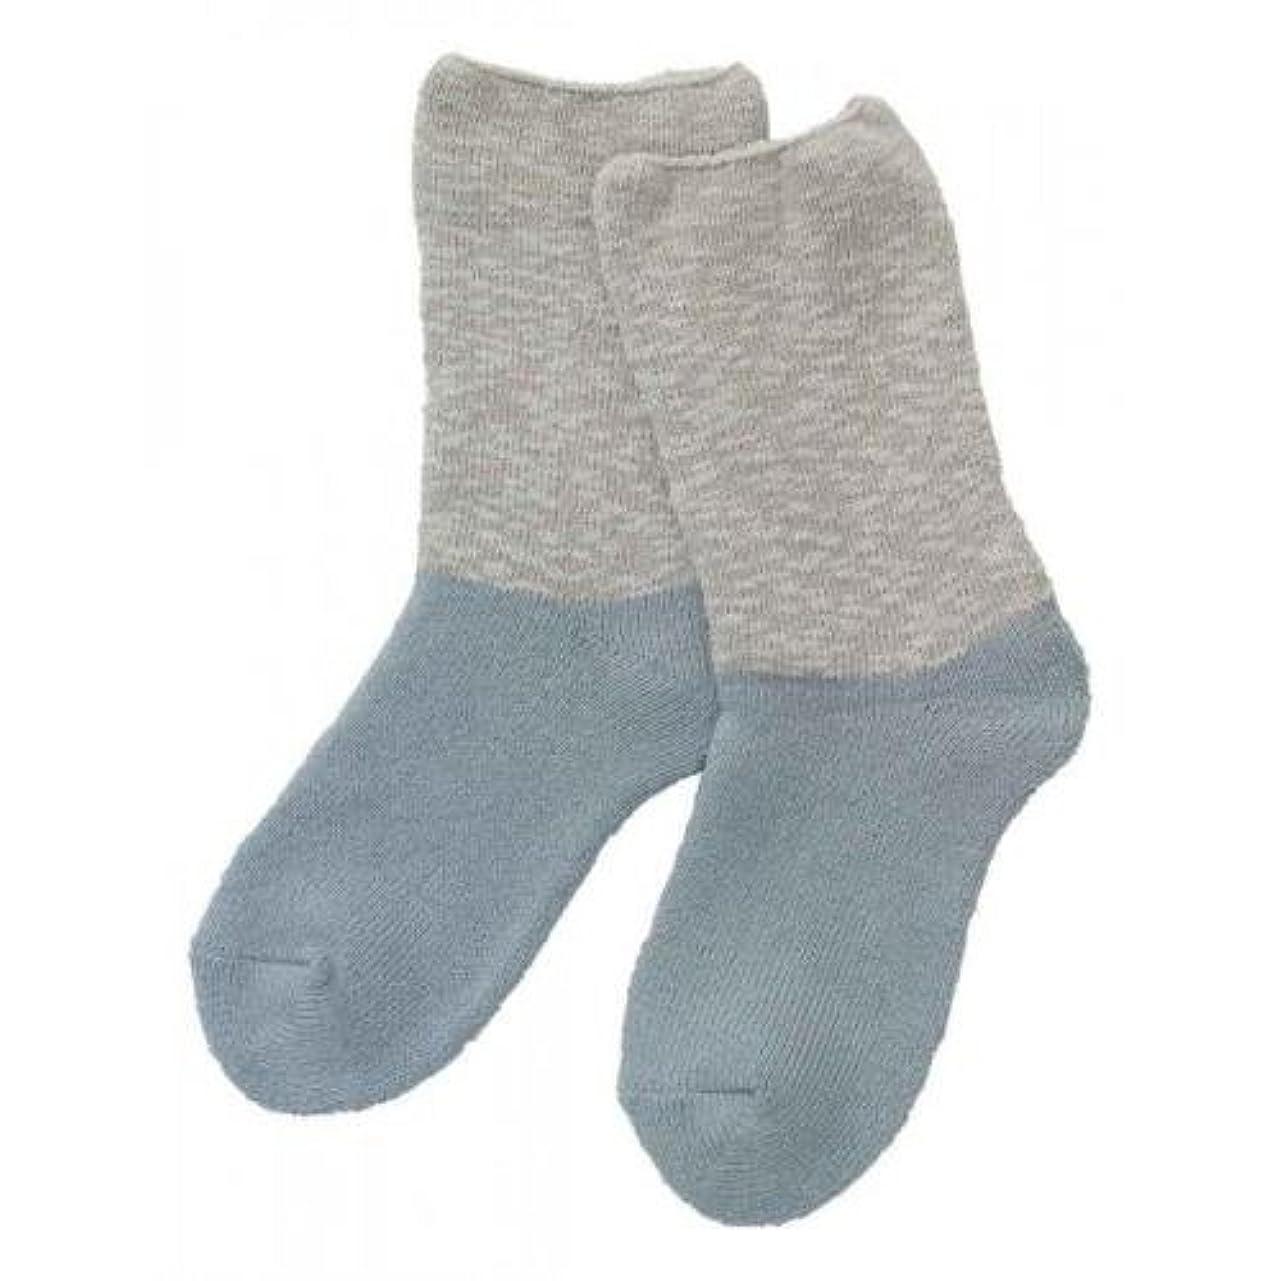 頬スカルクつらいCarelance(ケアランス)お風呂上りのやさしい靴下 綿麻パイルで足先さわやか 8706CA-70 ブルー